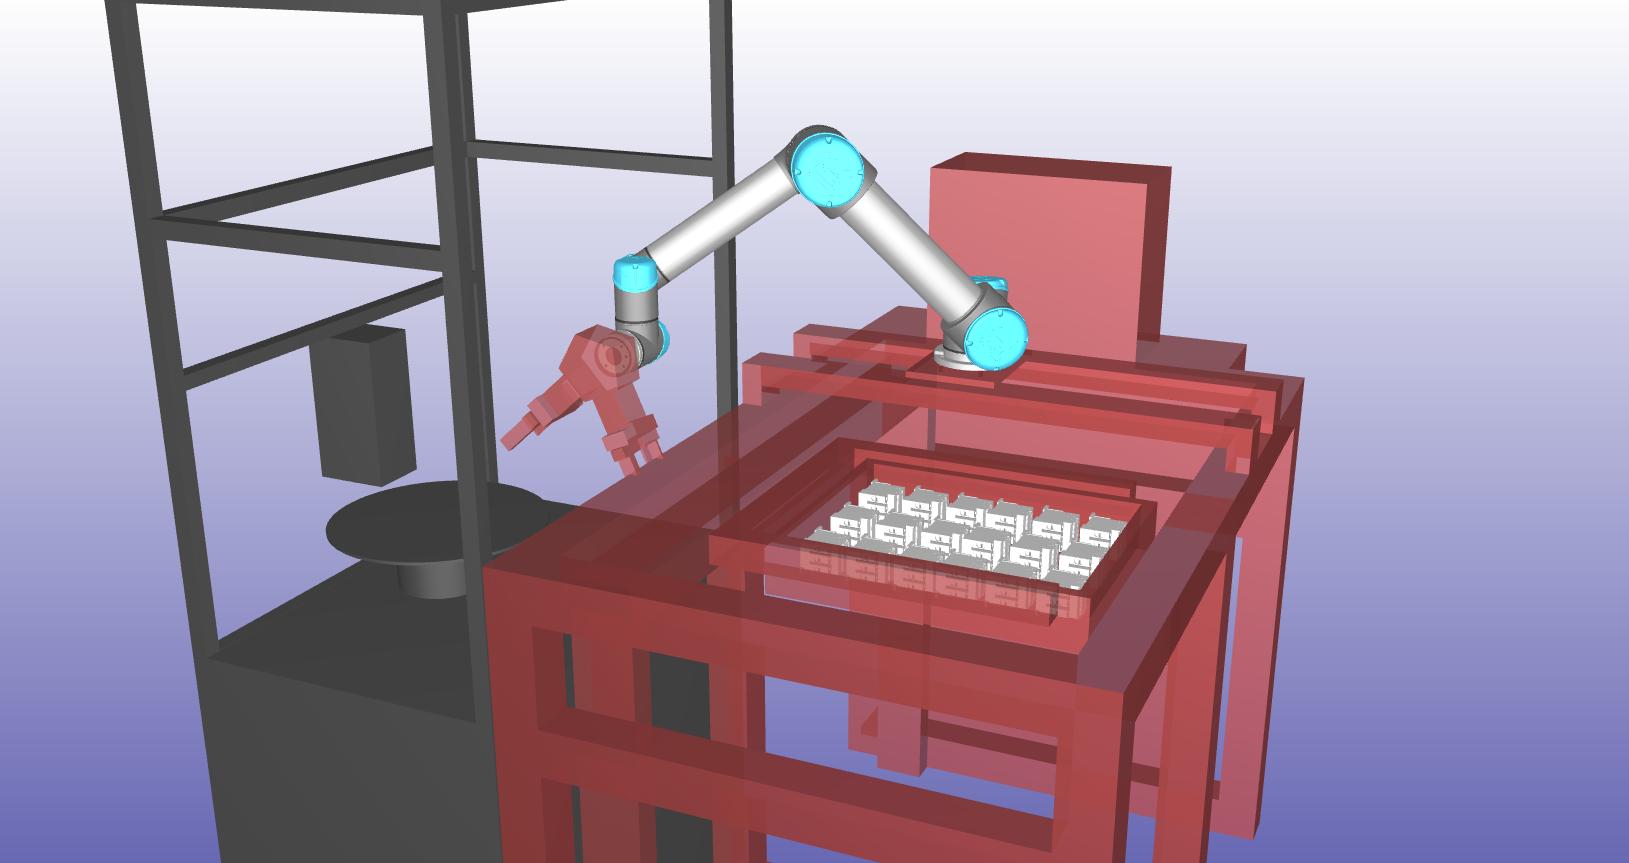 ロボットハンドと架台の接触を検出した画像